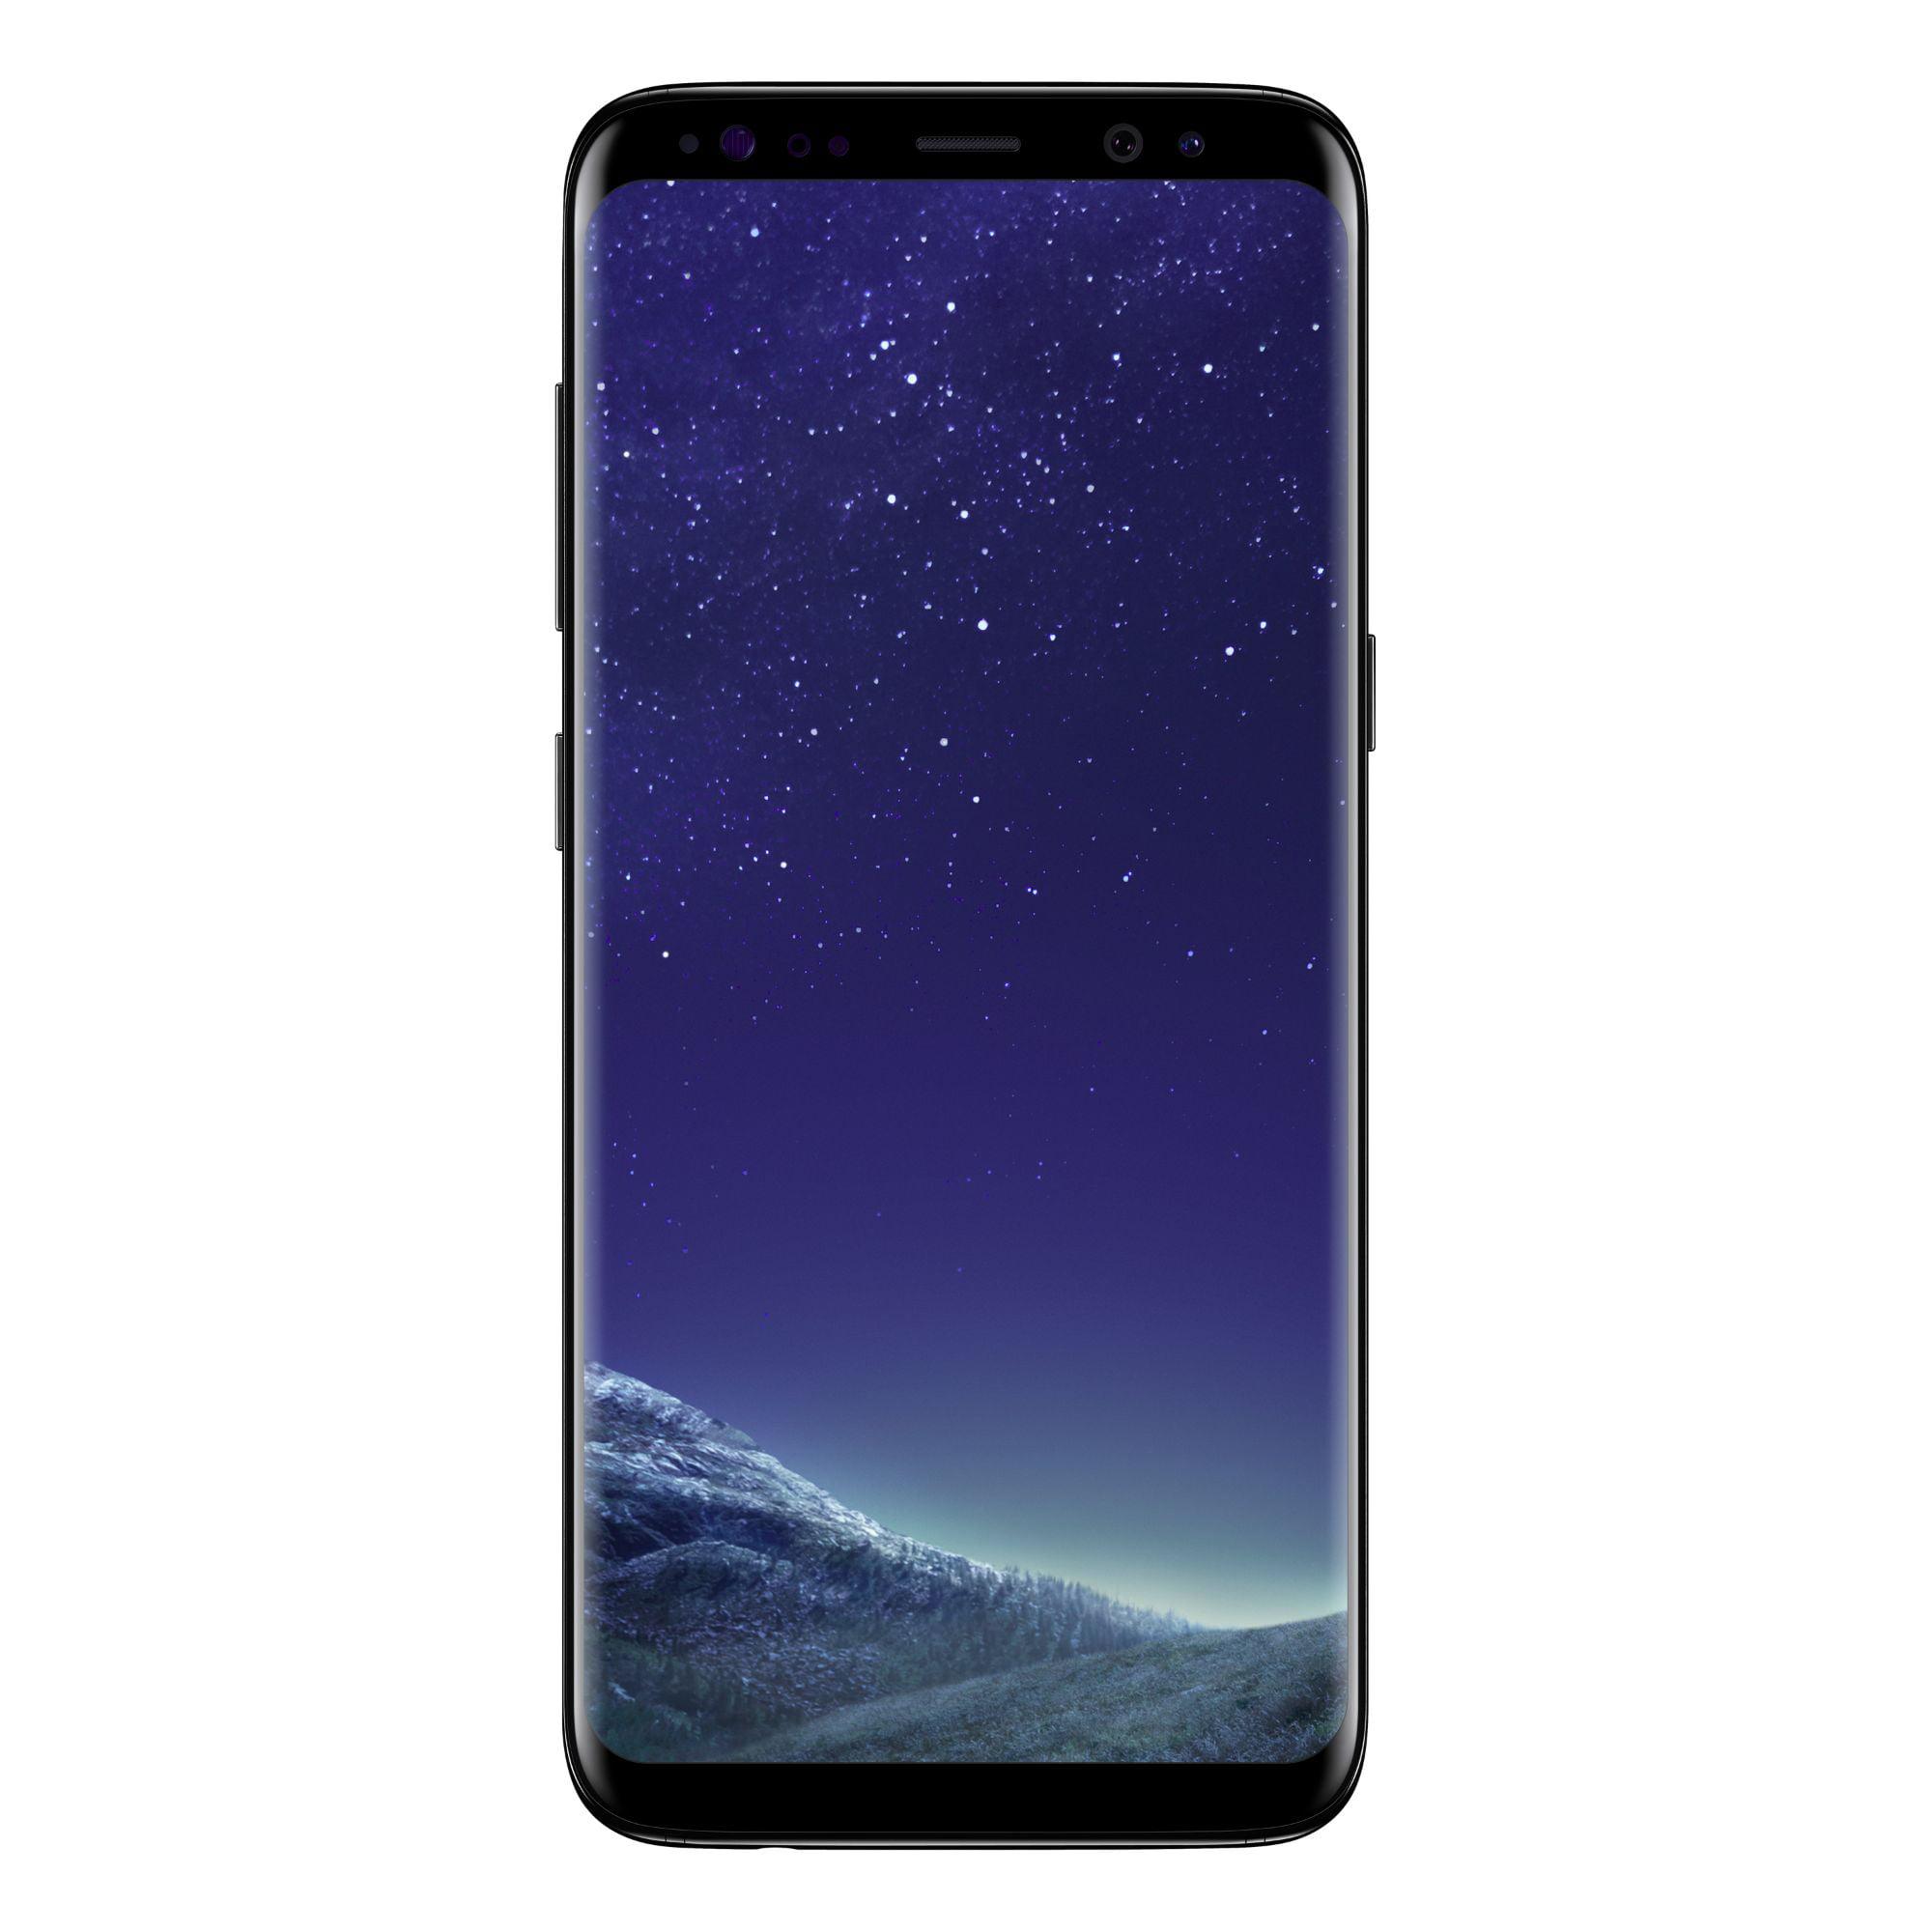 Samsung Galaxy S8 64GB (Verizon)